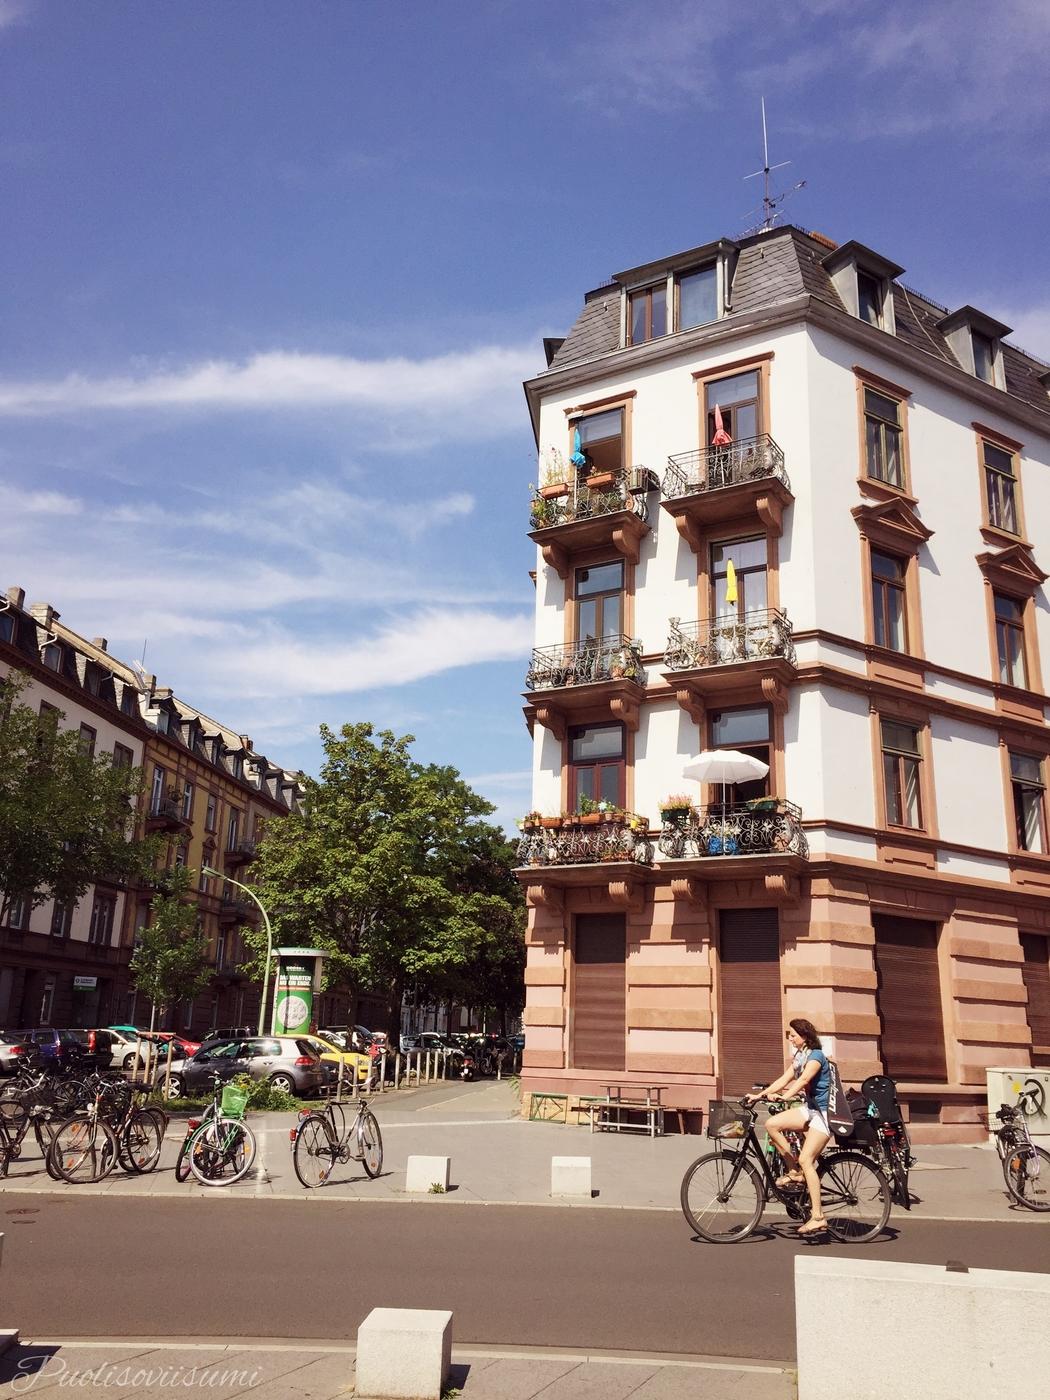 Hei Frankfurt! Hauska tutustua.